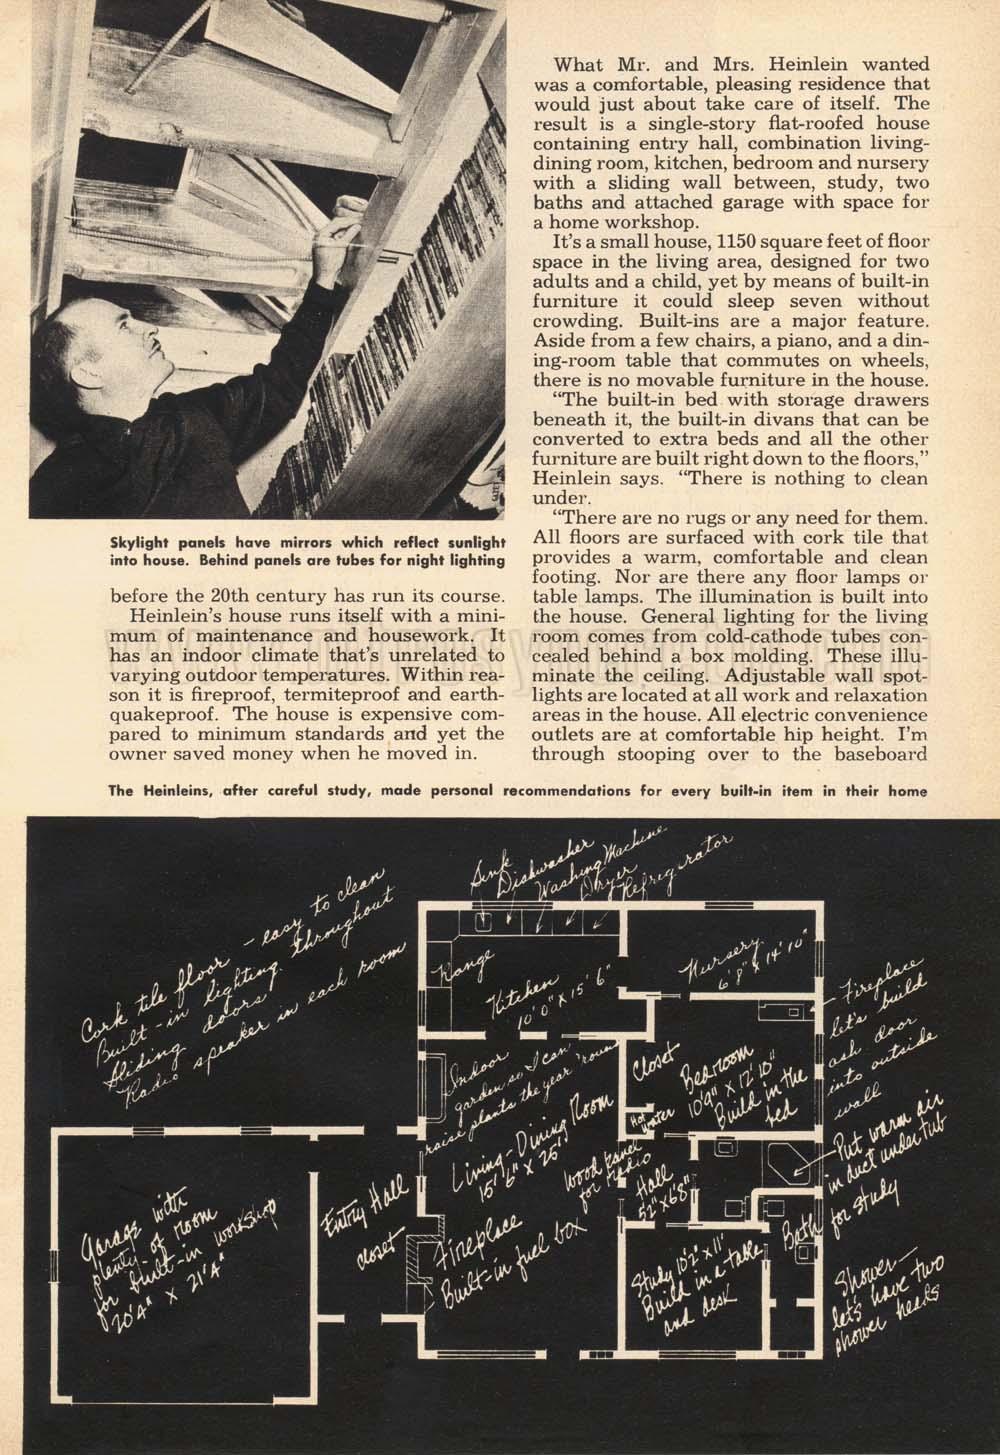 ATARI 2600 [TOPIC GENERALISTE] - Page 18 Pm652-3-hi